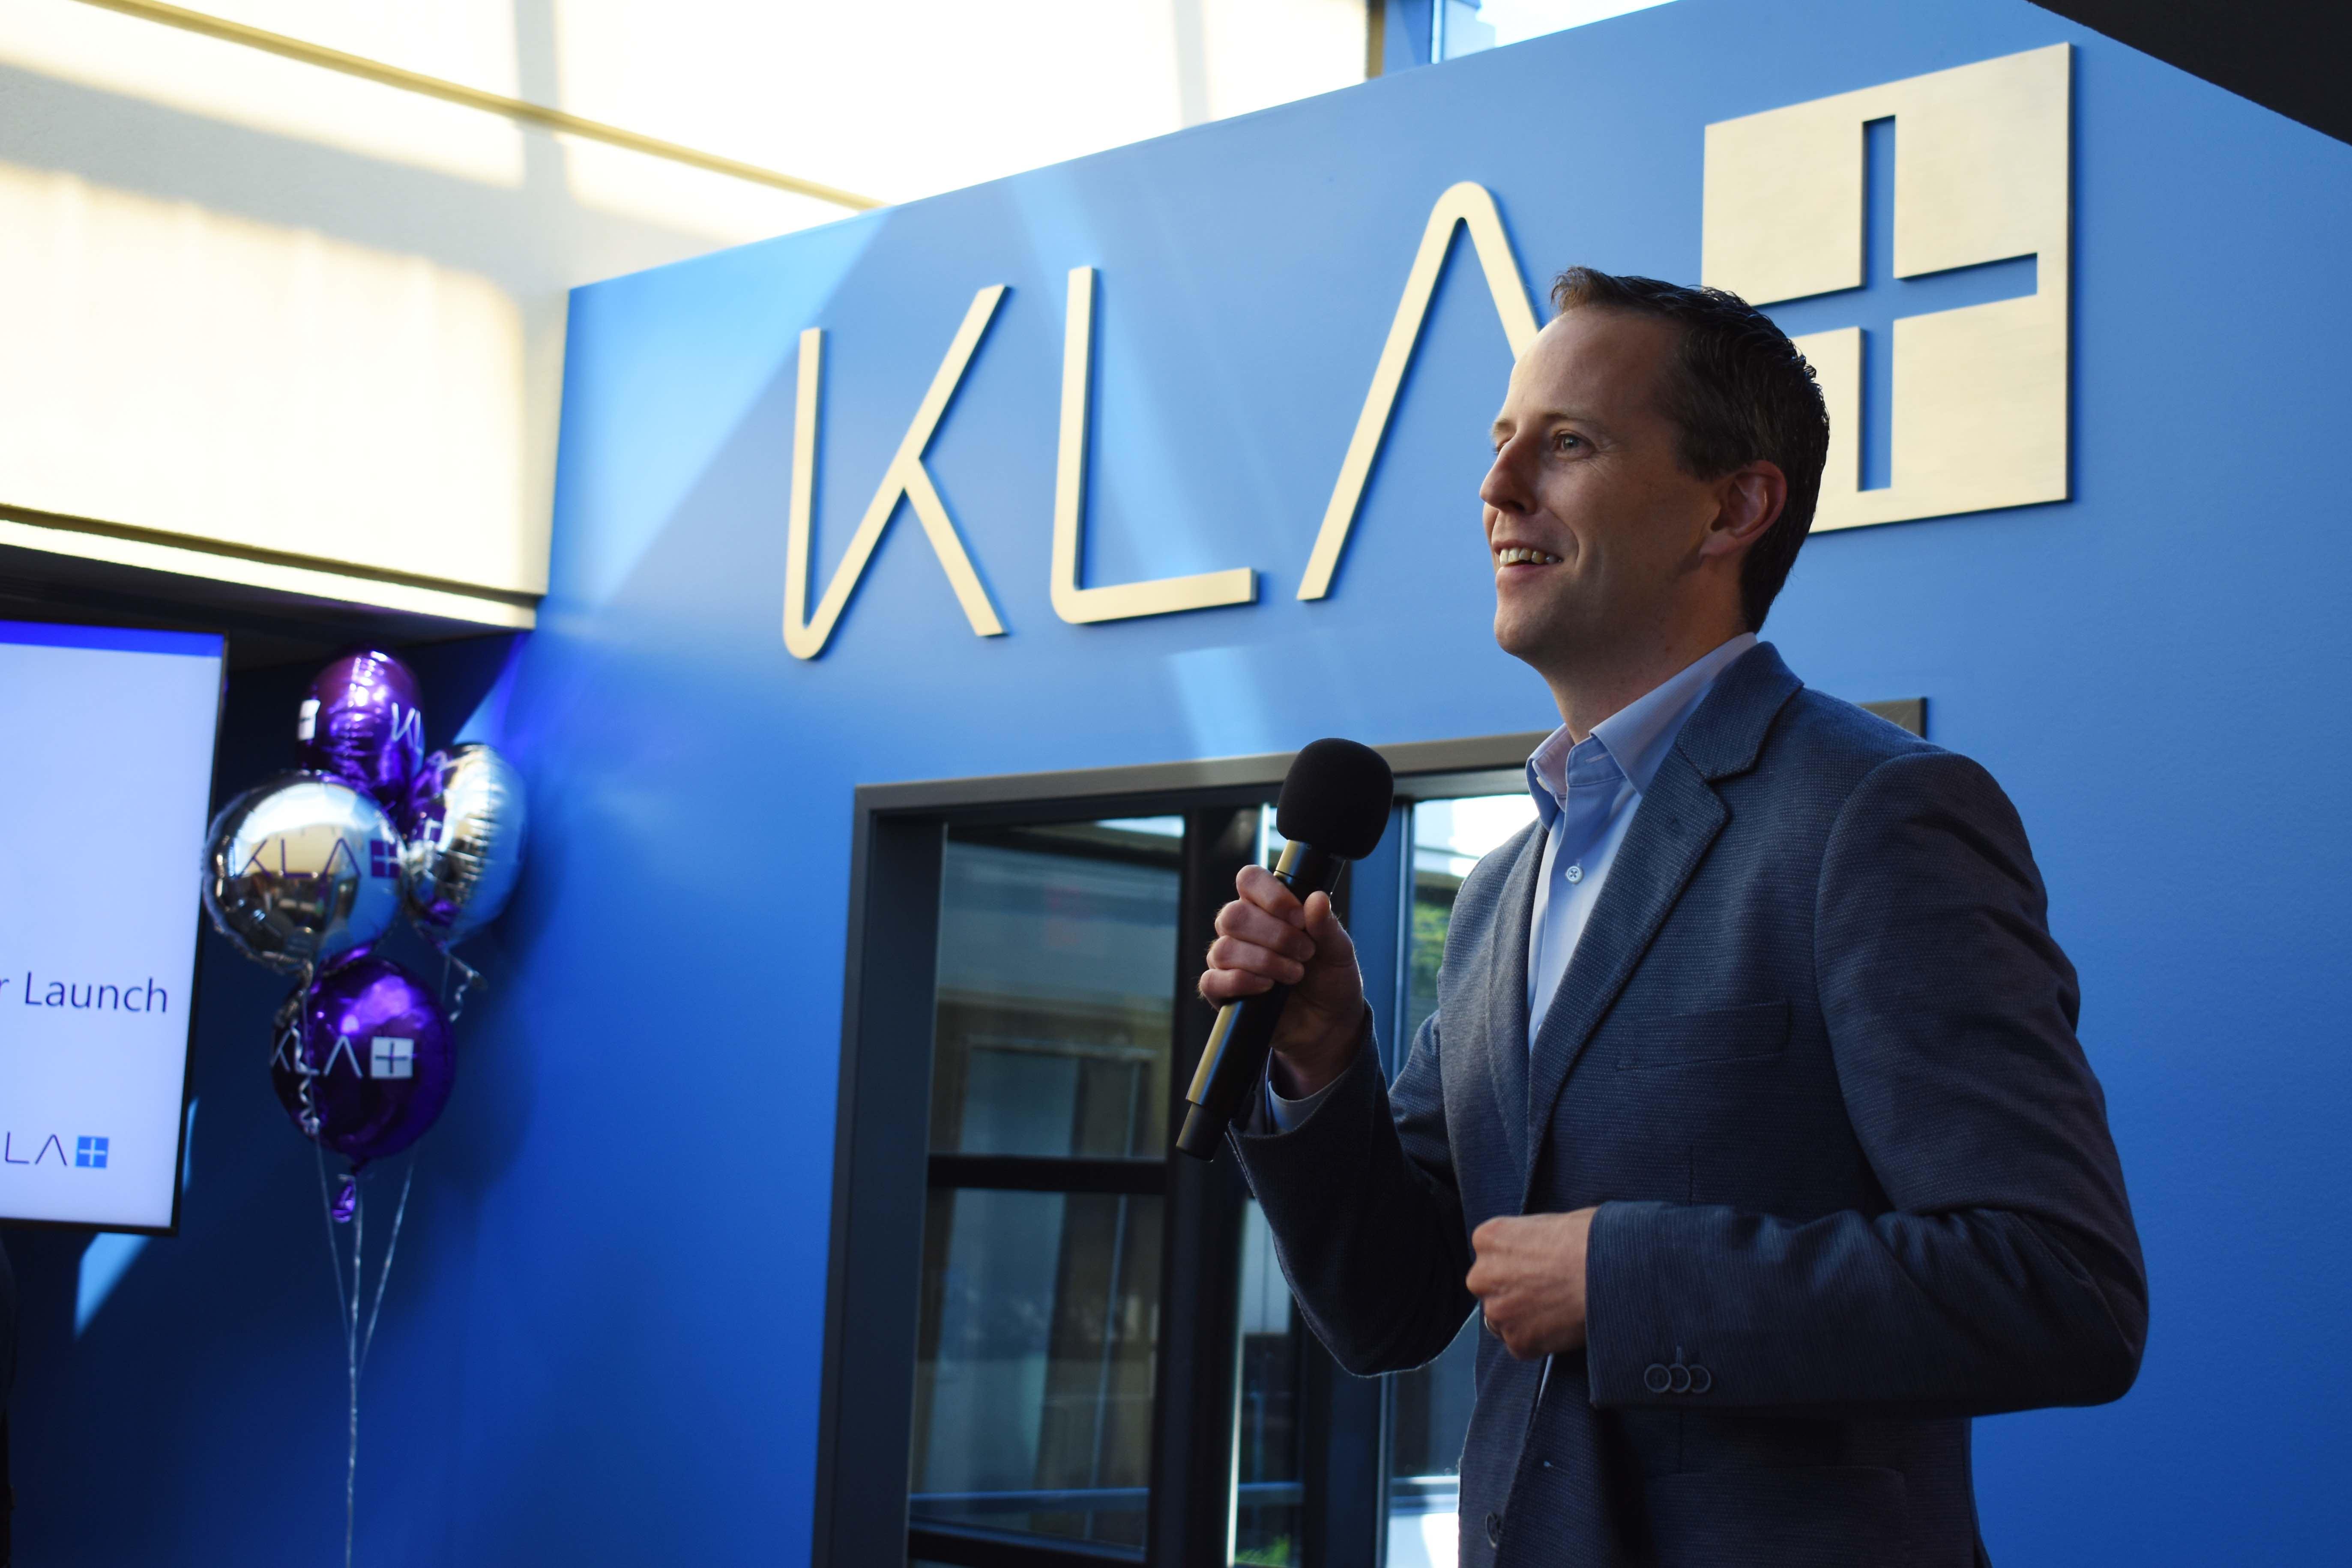 John McLaughlin, KLA's Ann Arbor site leader.